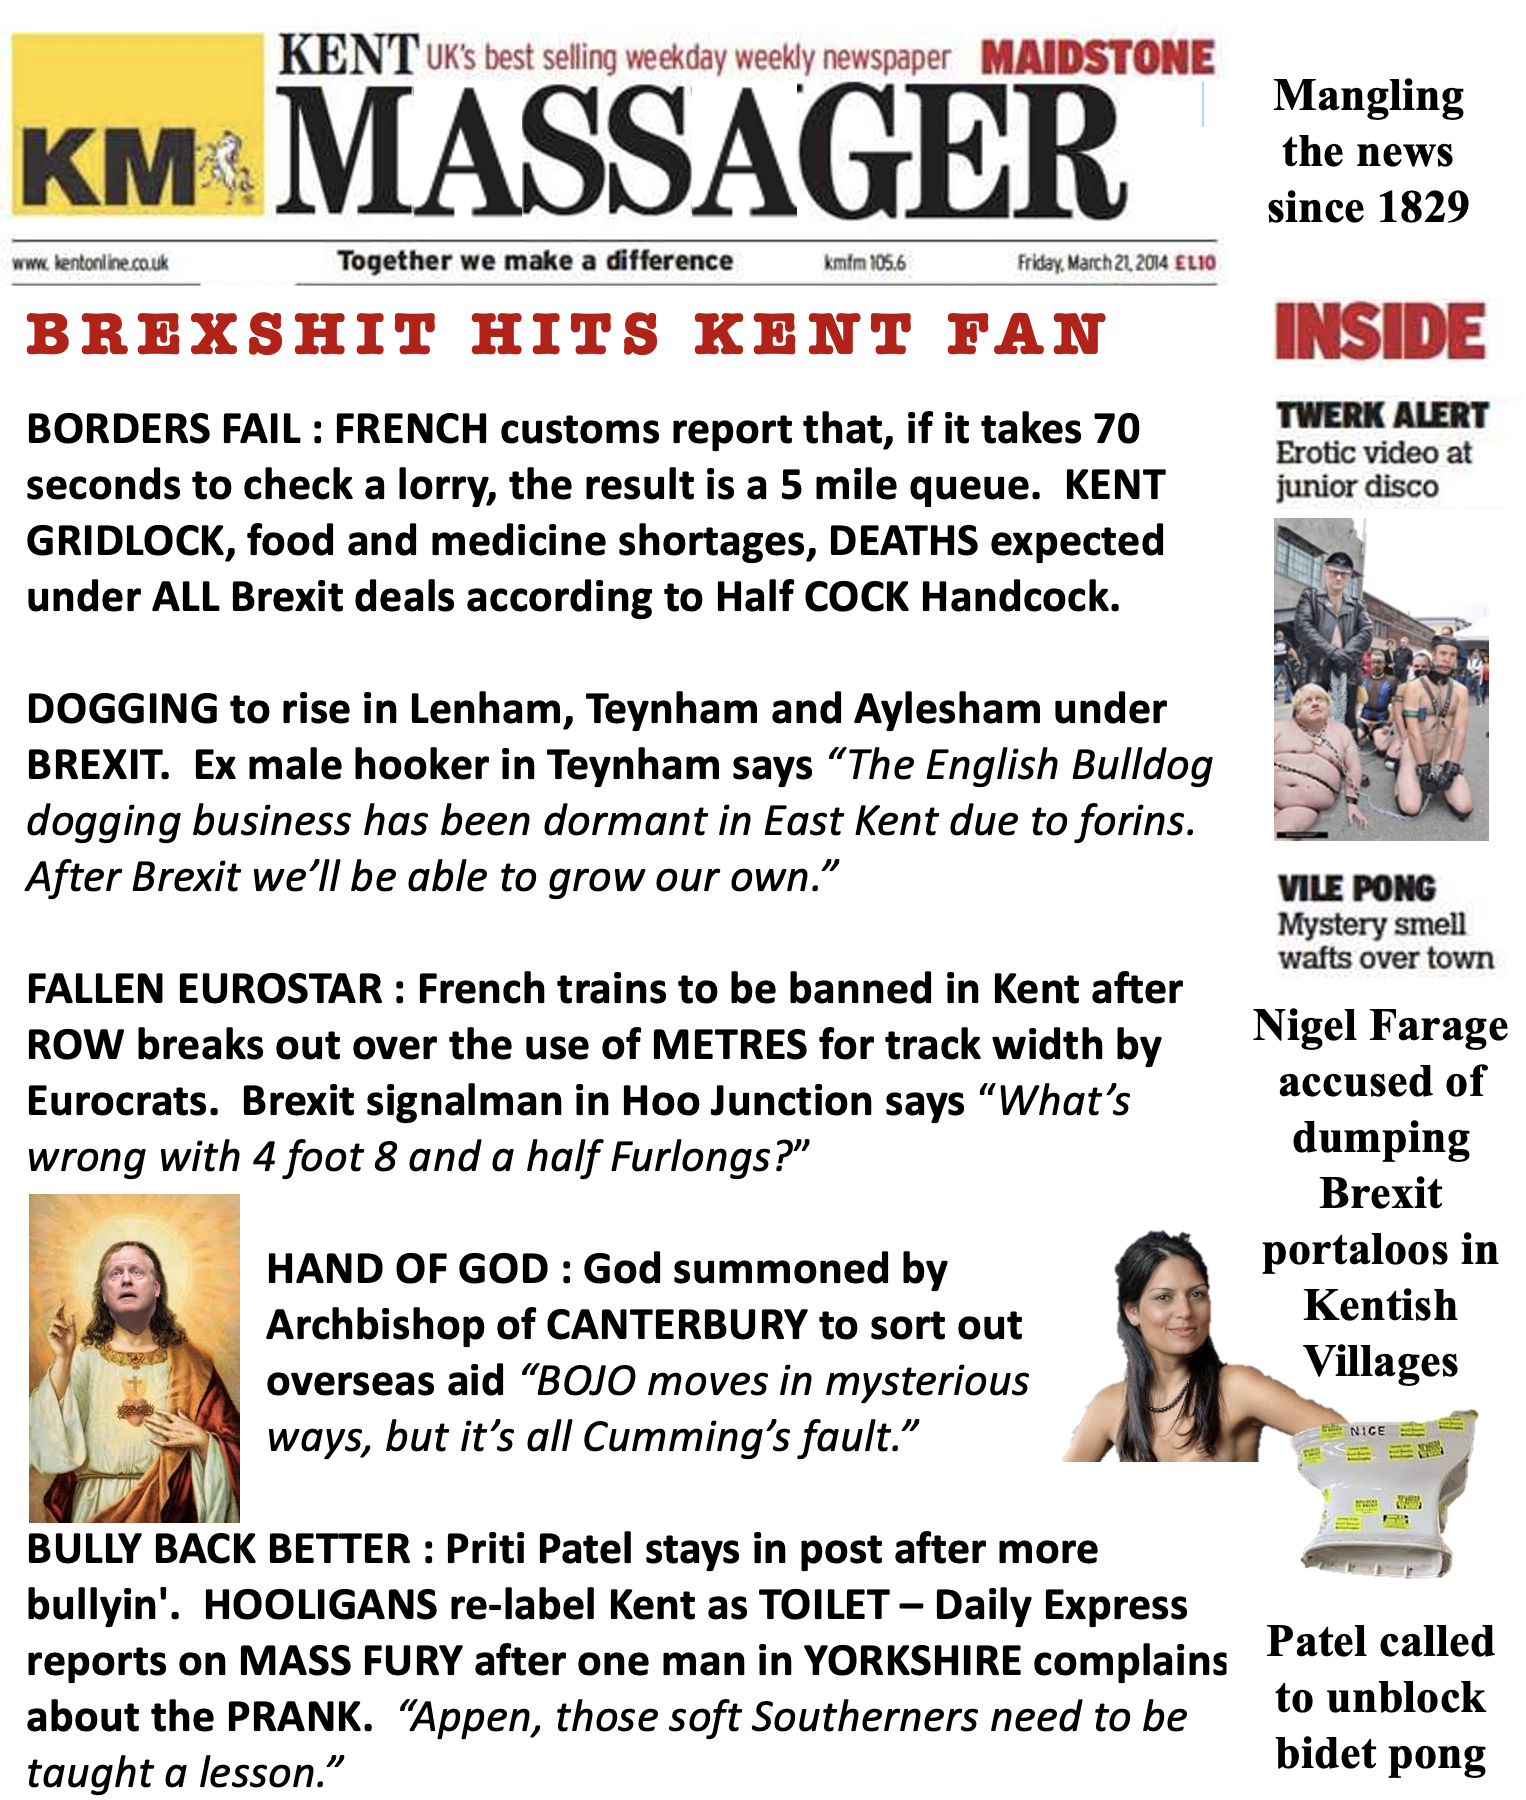 Kent Massager